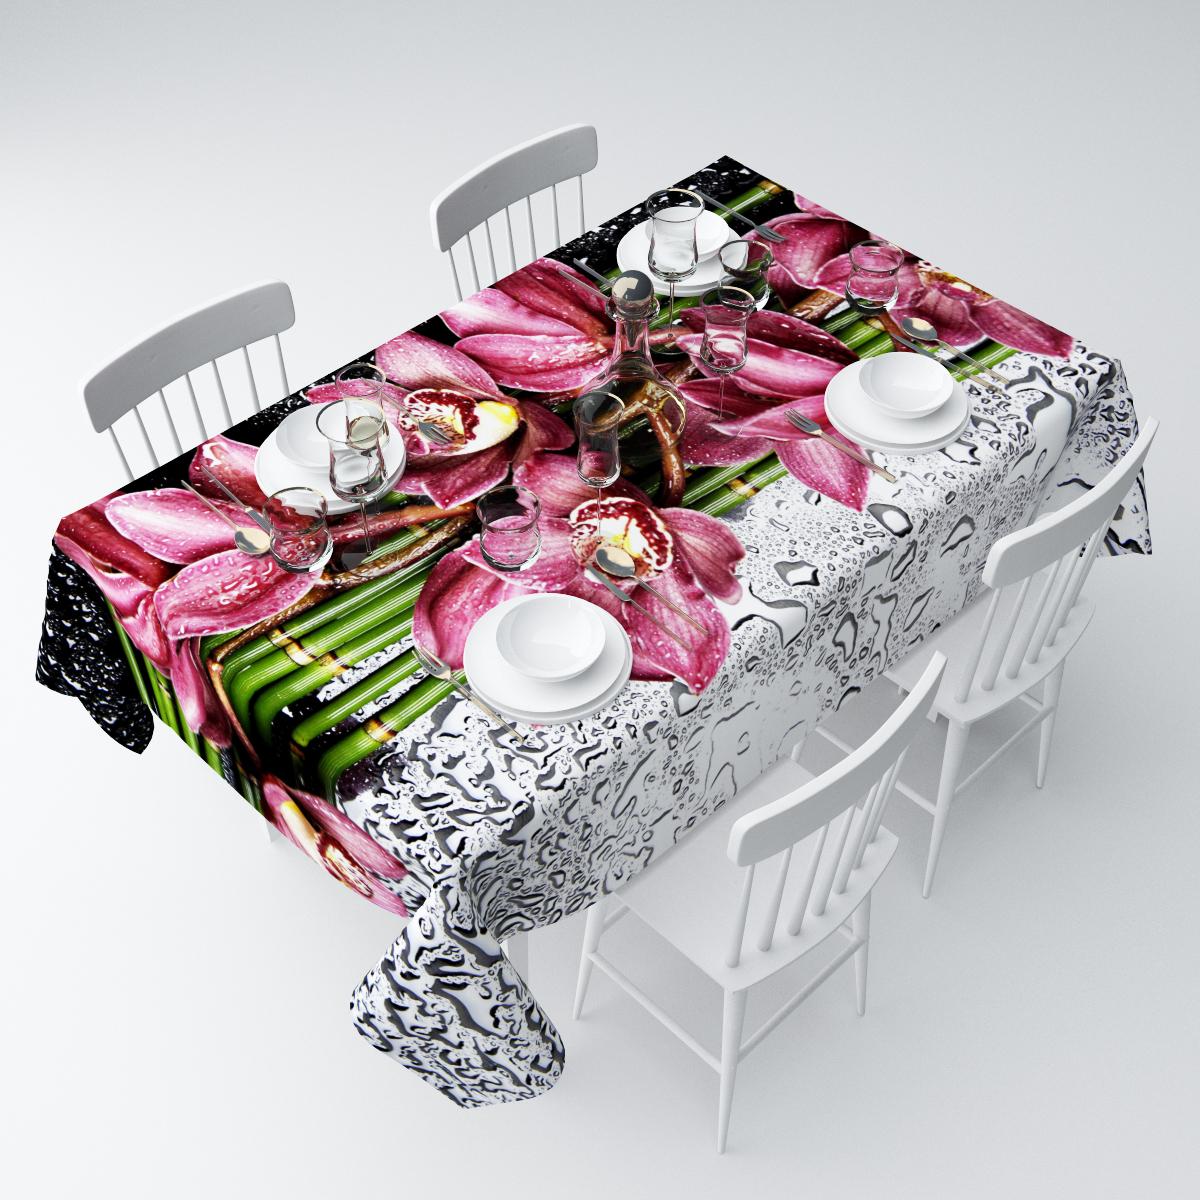 Скатерть Сирень Распустившаяся орхидея, прямоугольная, 145 х 220 смСКГБ004-03849Прямоугольная скатерть Сирень Распустившаяся орхидея, выполненная изгабардина с ярким рисунком, преобразит вашу кухню, визуальнорасширит пространство, создаст атмосферу радости и комфорта.Рекомендации по уходу: стирка при 30 градусах, гладить при температуре до 110градусов. Размер скатерти: 145 х 220 см.Изображение может немного отличаться от реального.